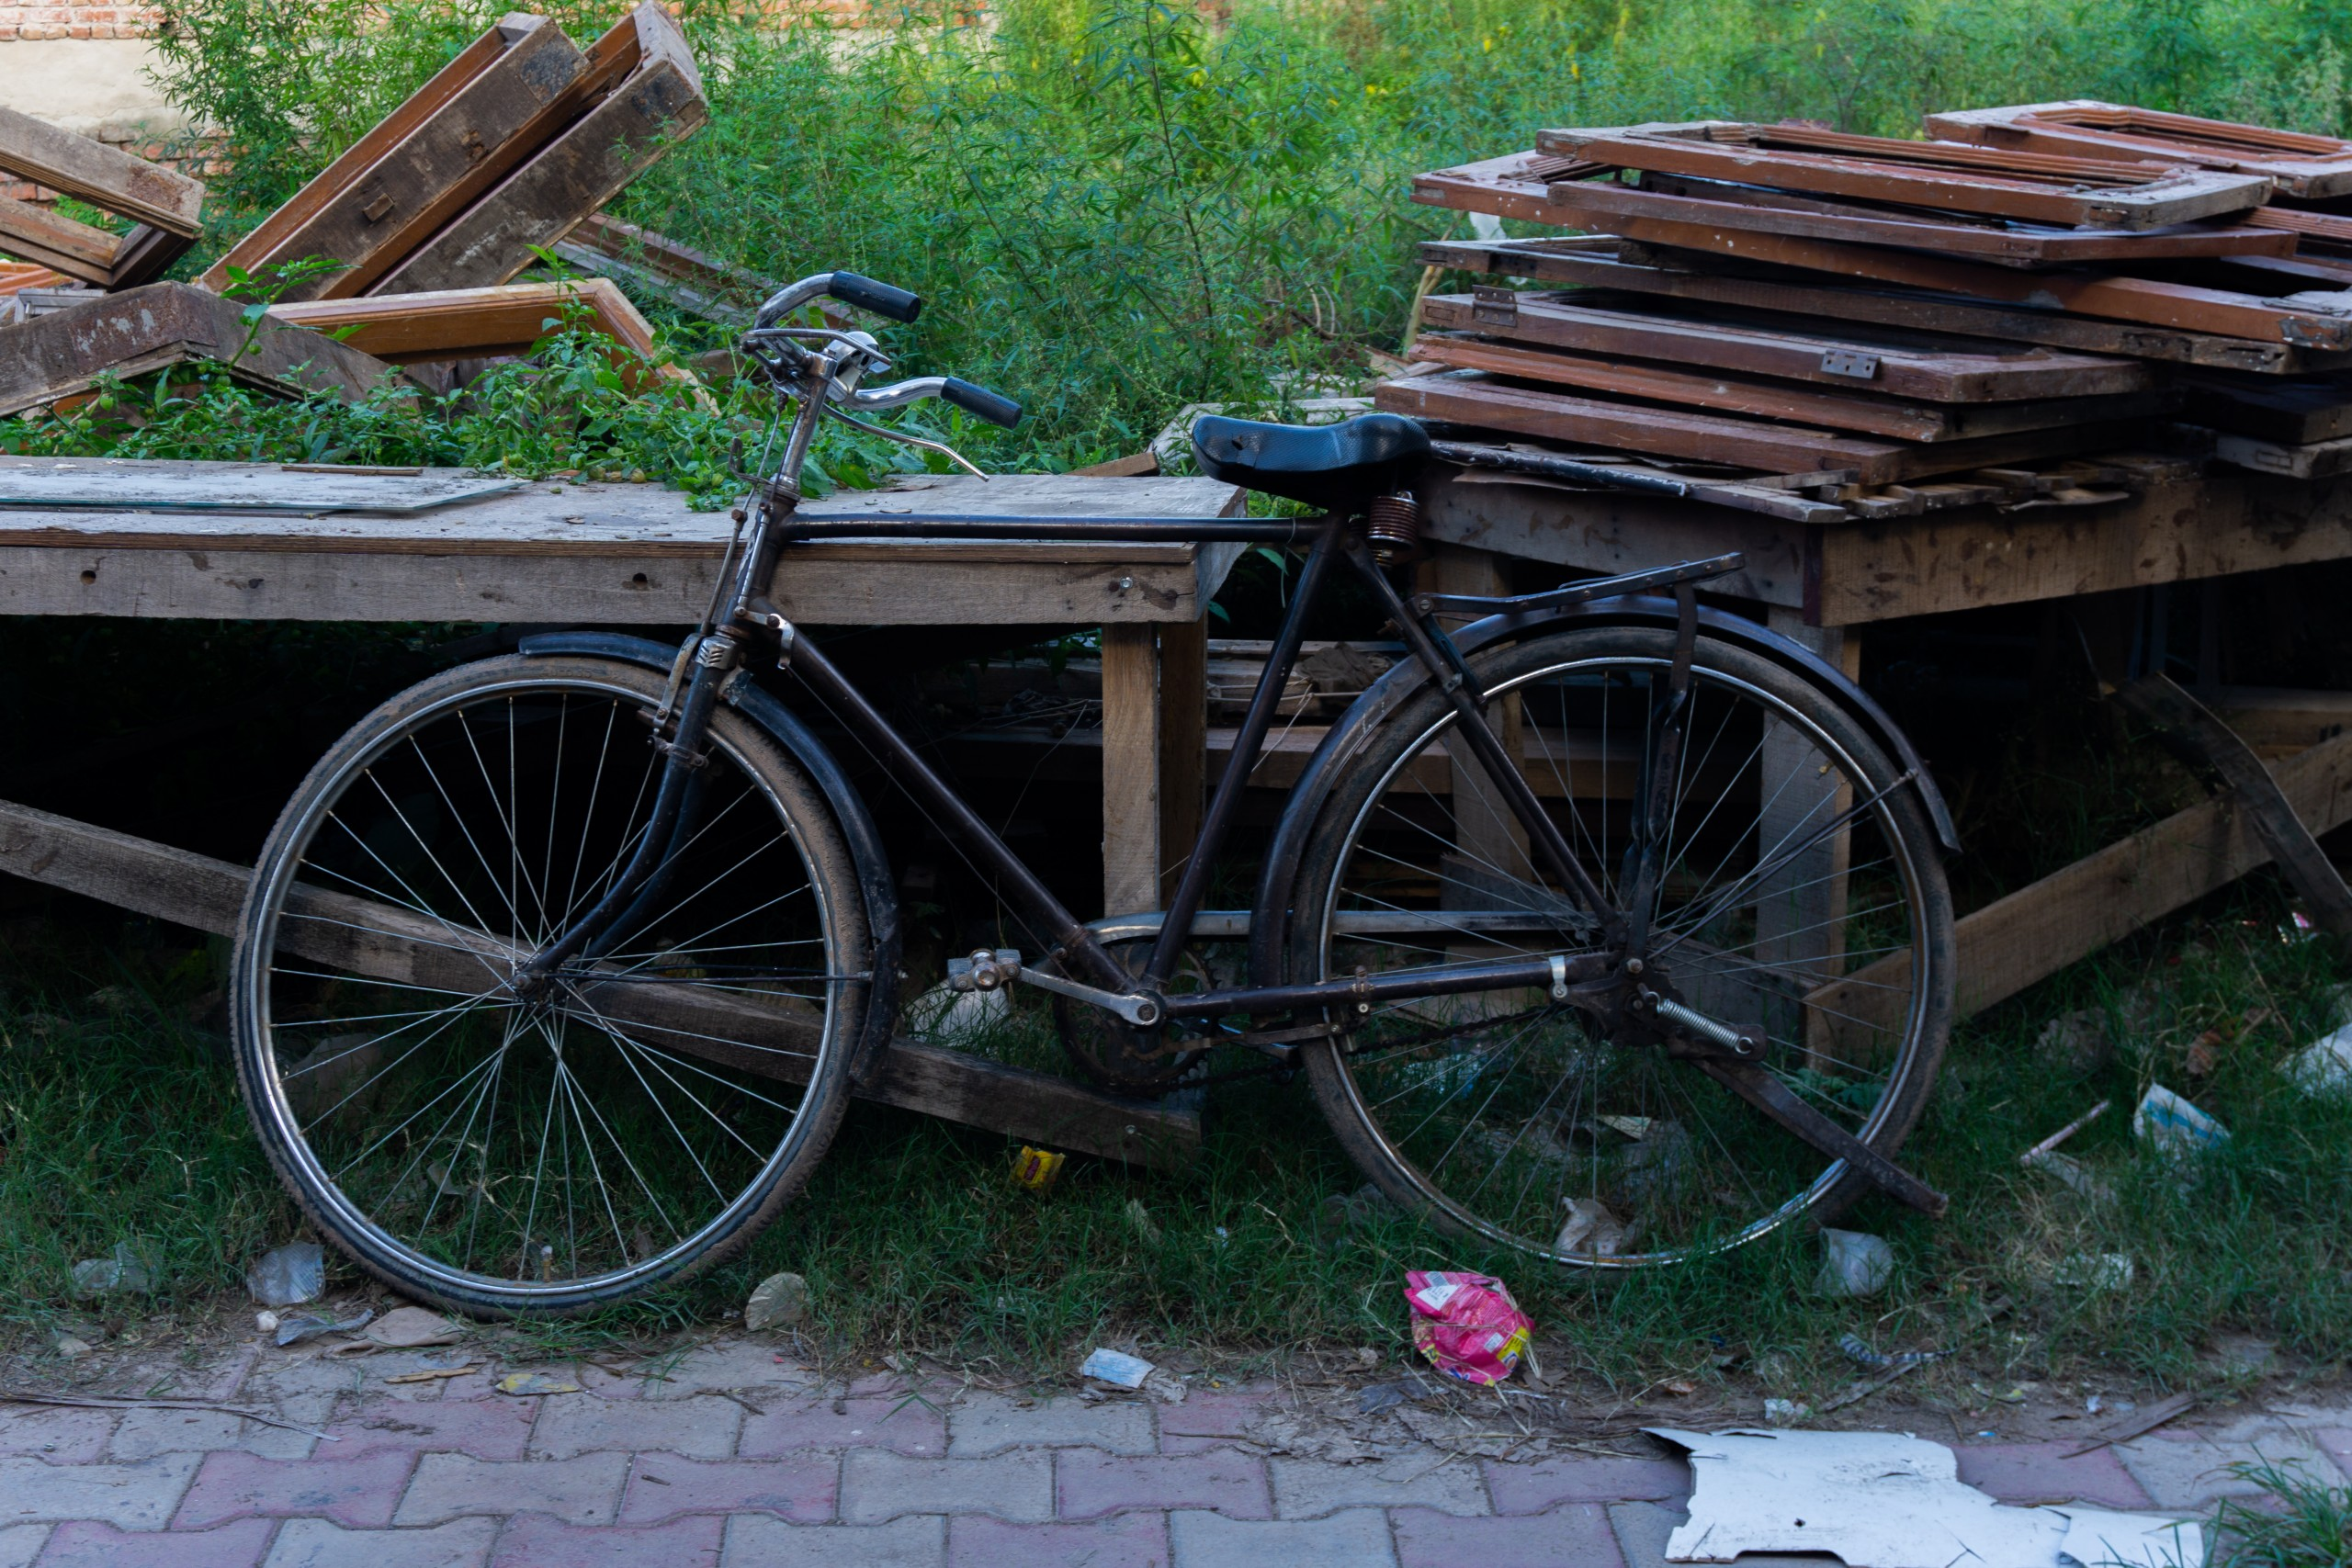 Old Bike Parked